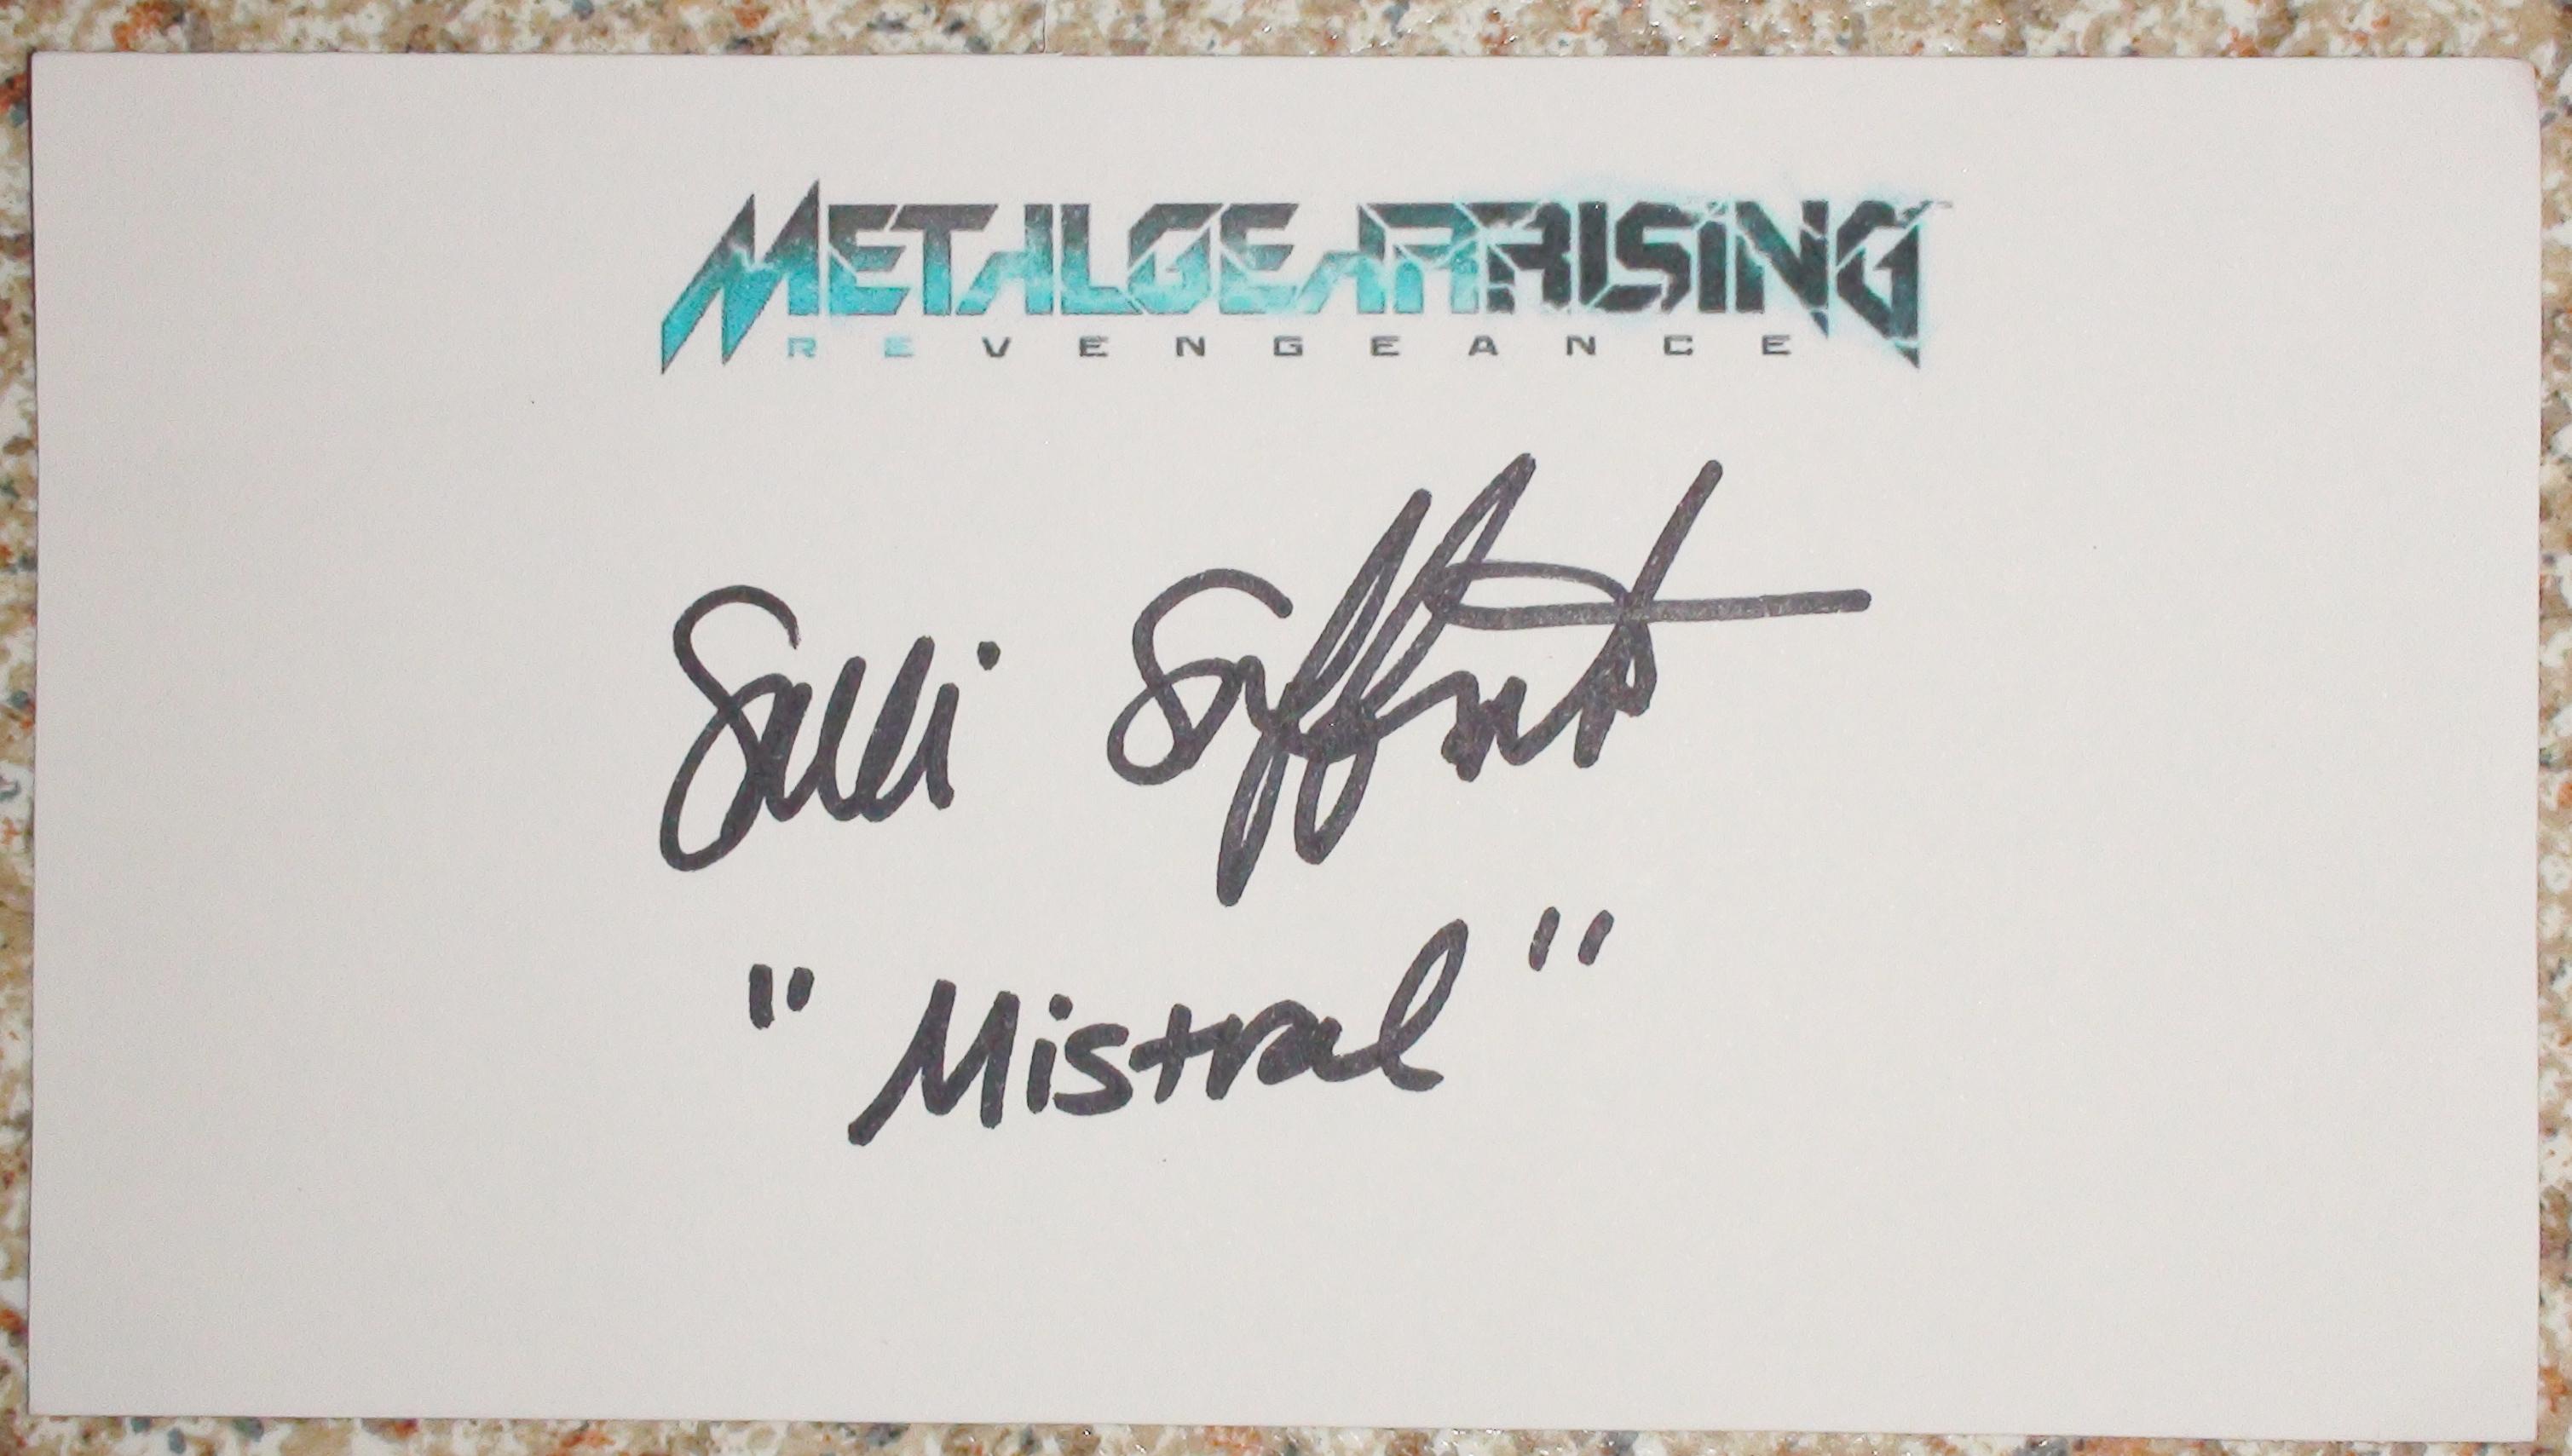 Metal Gear Rising - Salli Saffioti